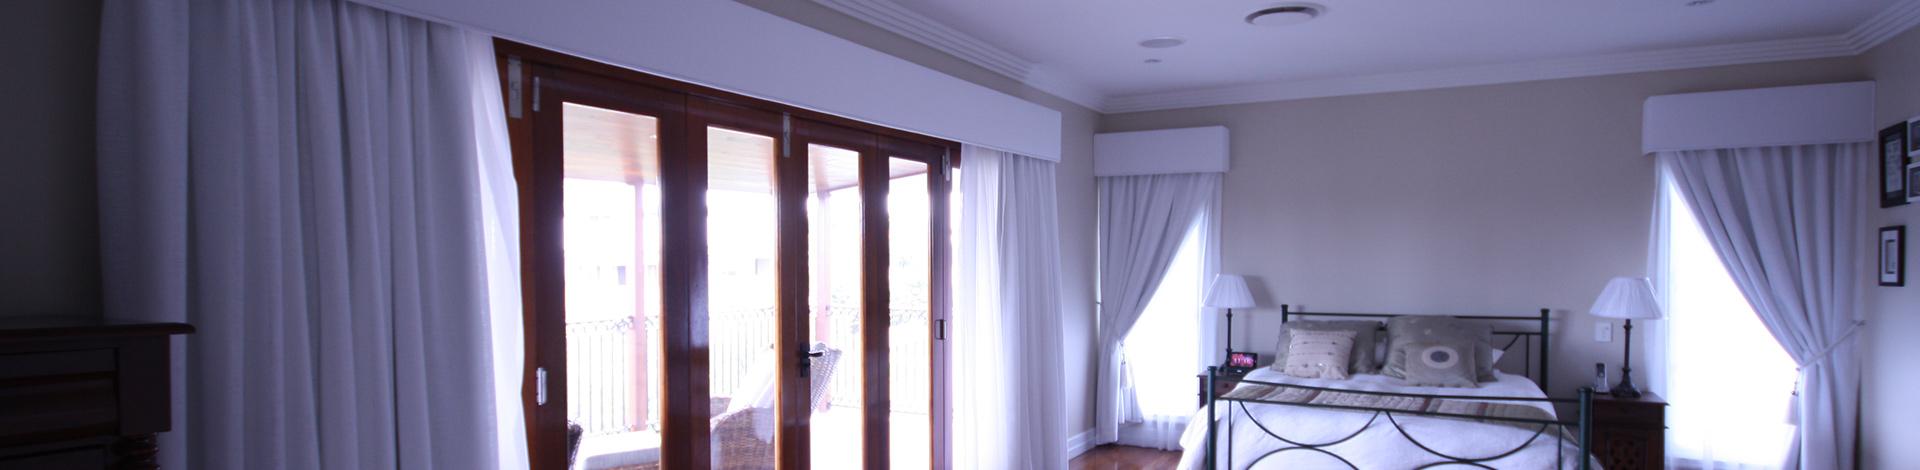 Pelmets Brisbane Qld Timms Curtain House